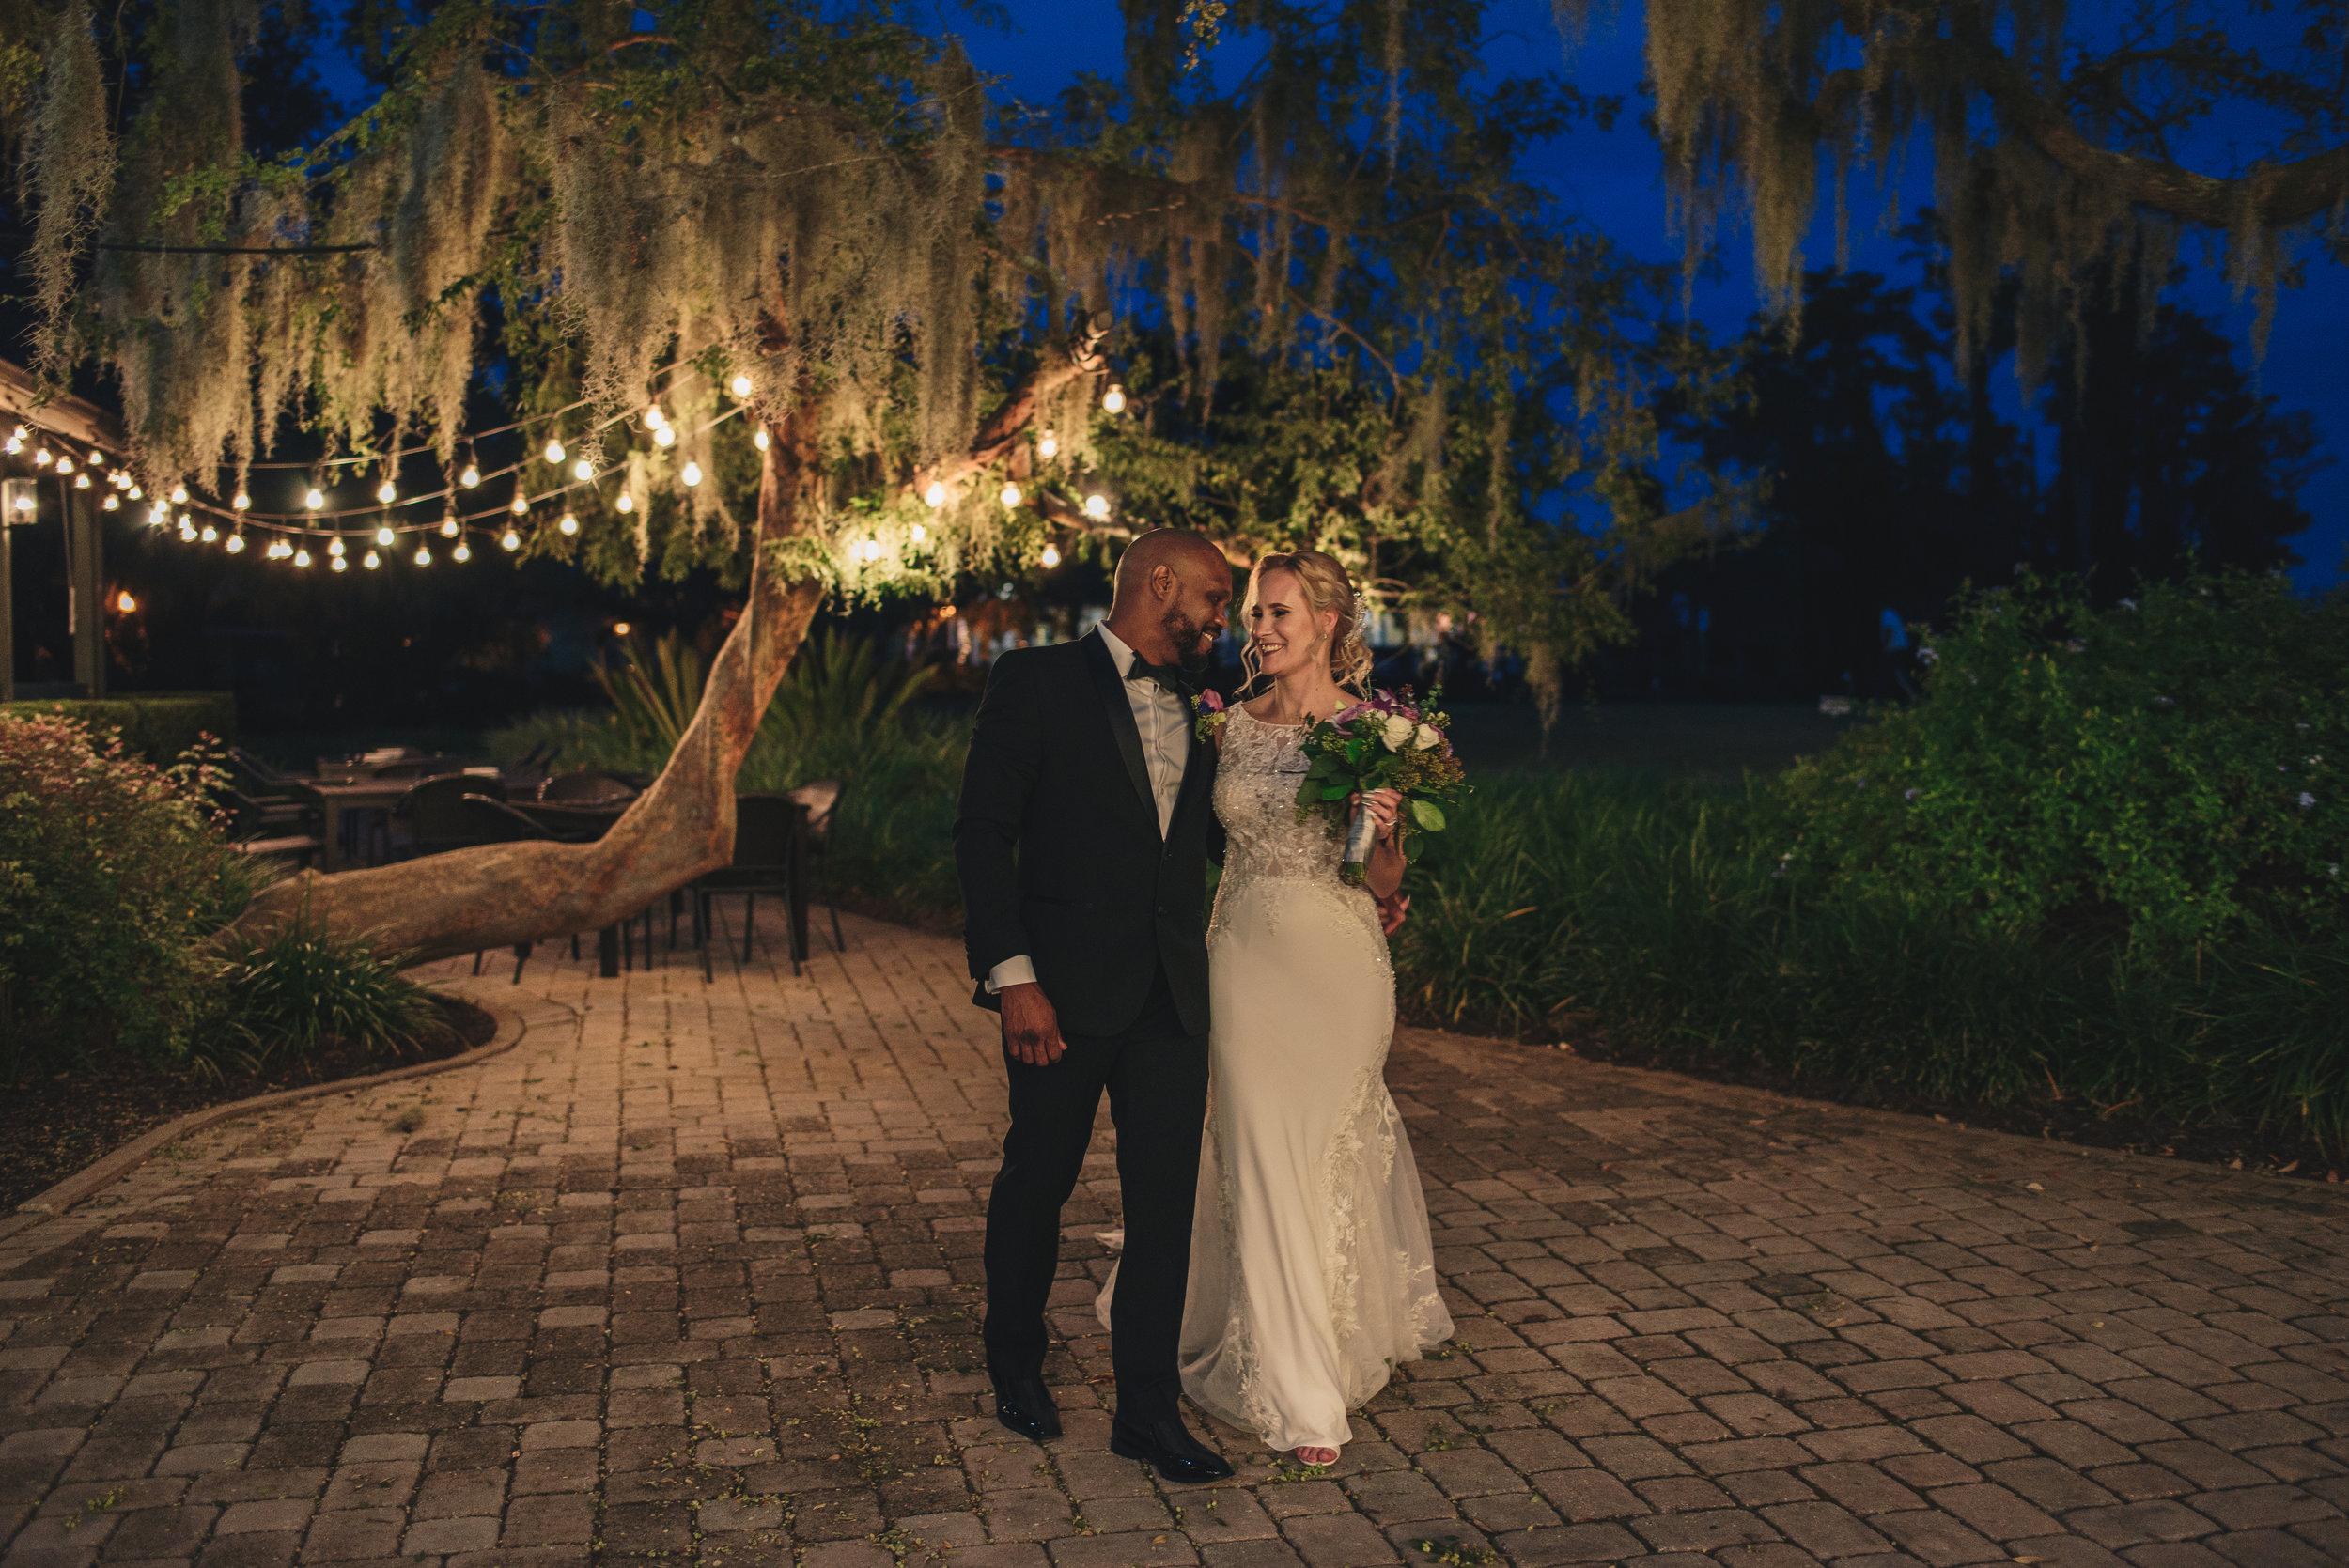 Los-Vargas-Photo-Wedding-Historic-Dubsdread-Ballroom-8939.jpg